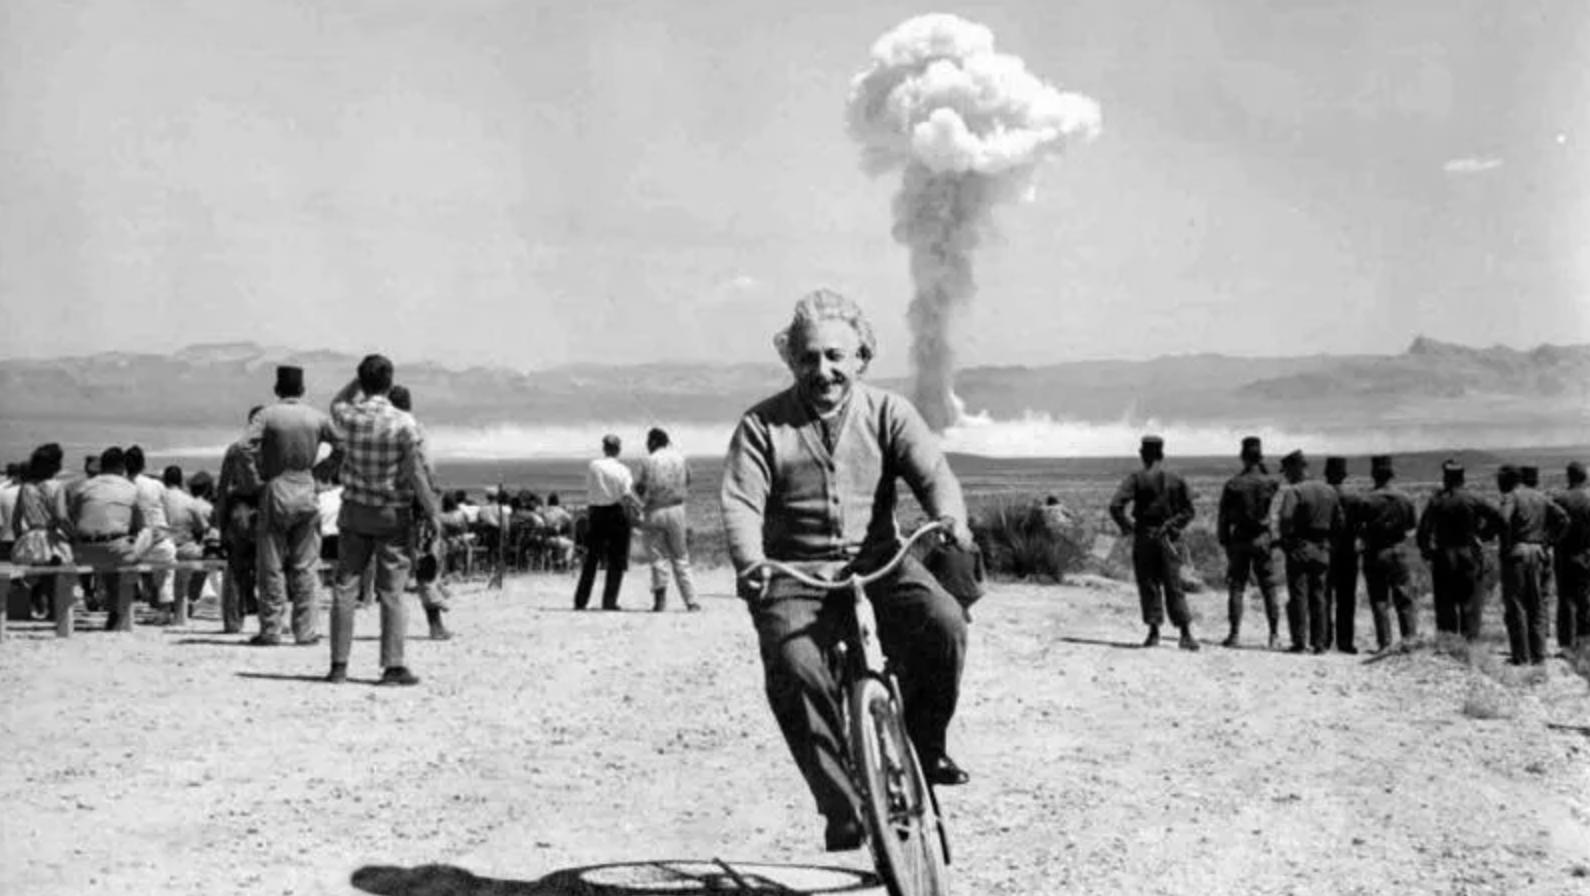 Az atombomba robbantás közelében bringázó Einstein fotója 2011 januárjában indult 'hódító' útjára a neten. A fotó természetesen hamisított, két felvétel montírozásából állt össze egy képpé.